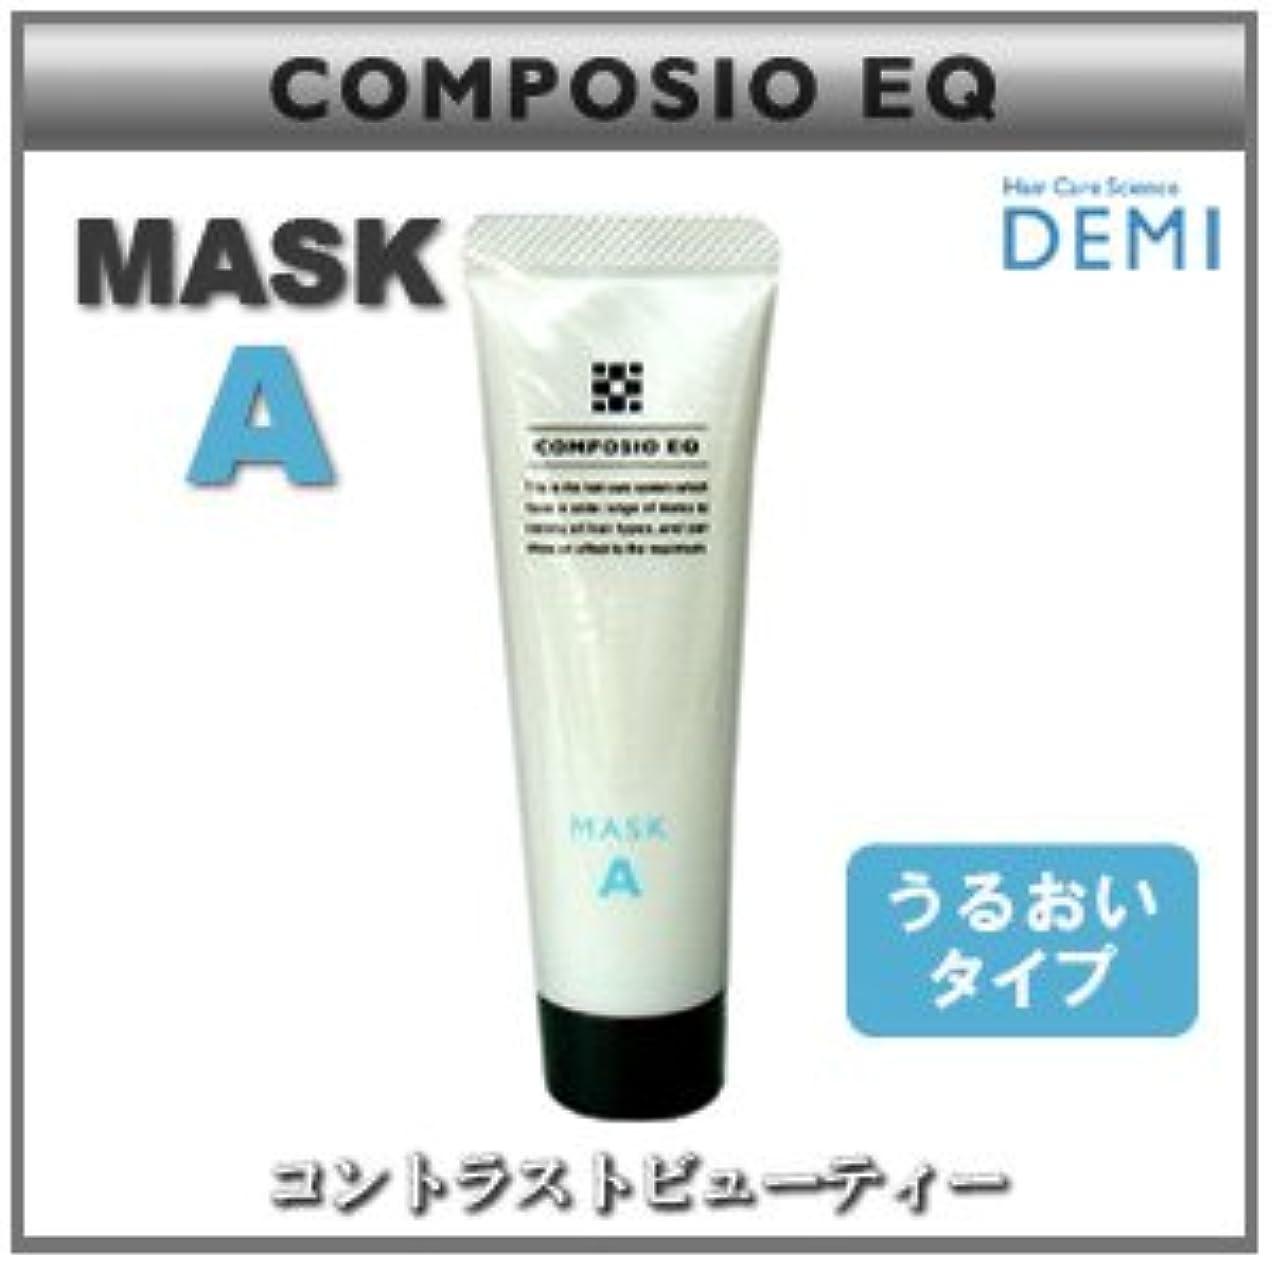 ミント自然公園許さない【X3個セット】 デミ コンポジオ EQ マスク A 50g